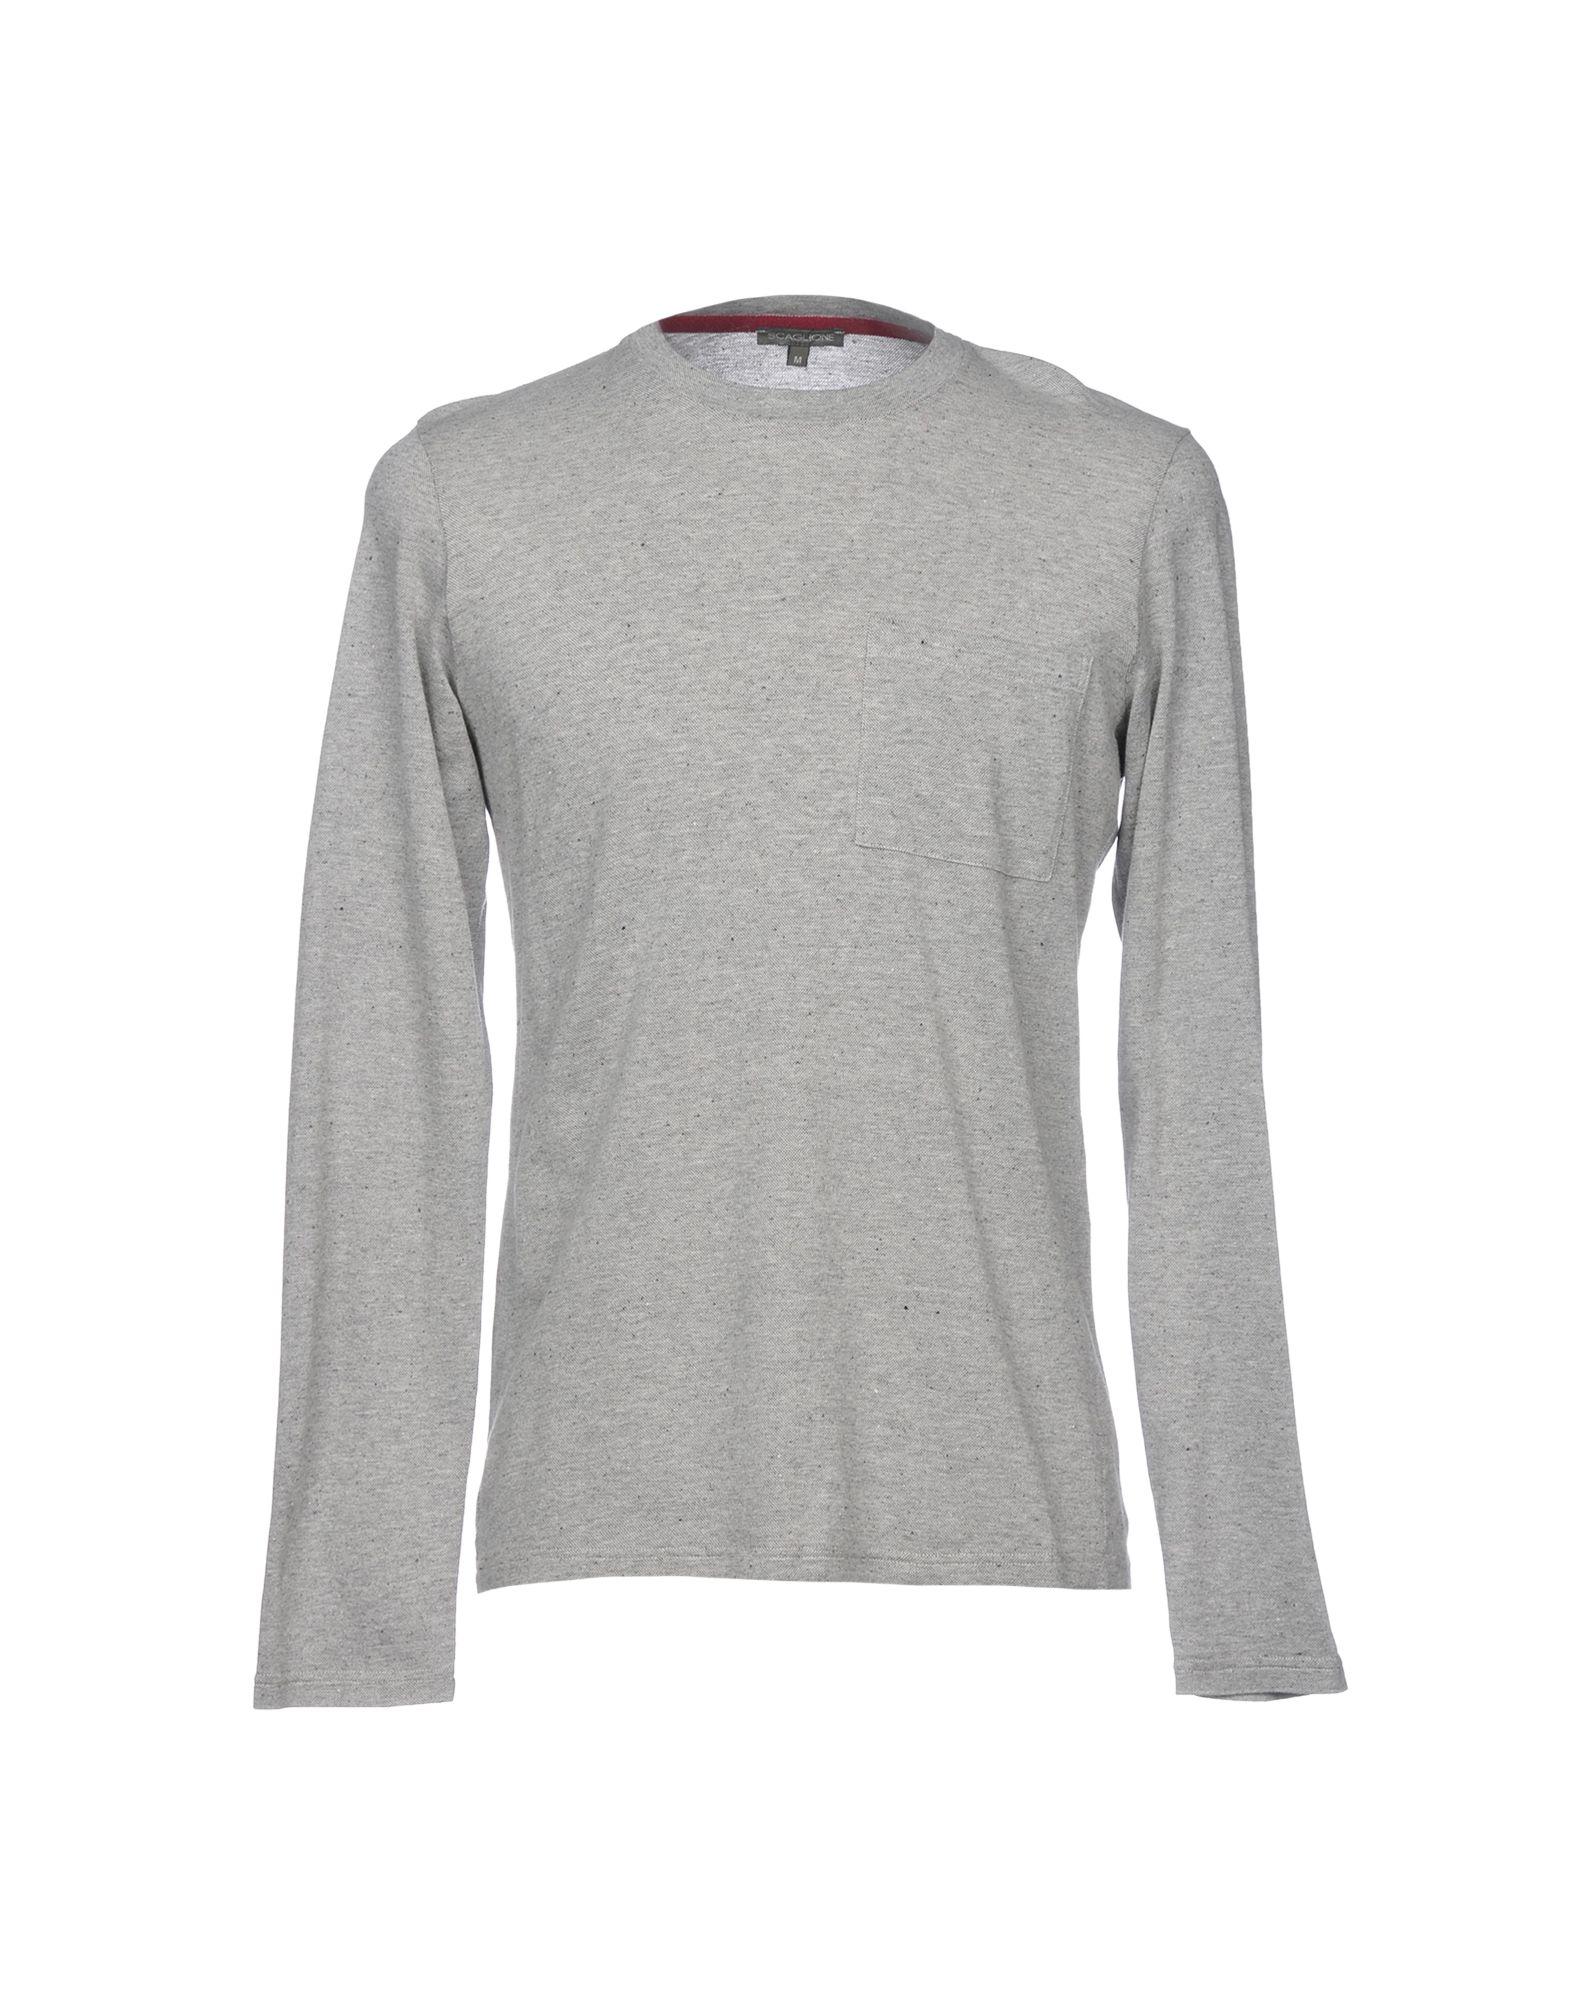 《送料無料》SCAGLIONE メンズ T シャツ ライトグレー M コットン 100%